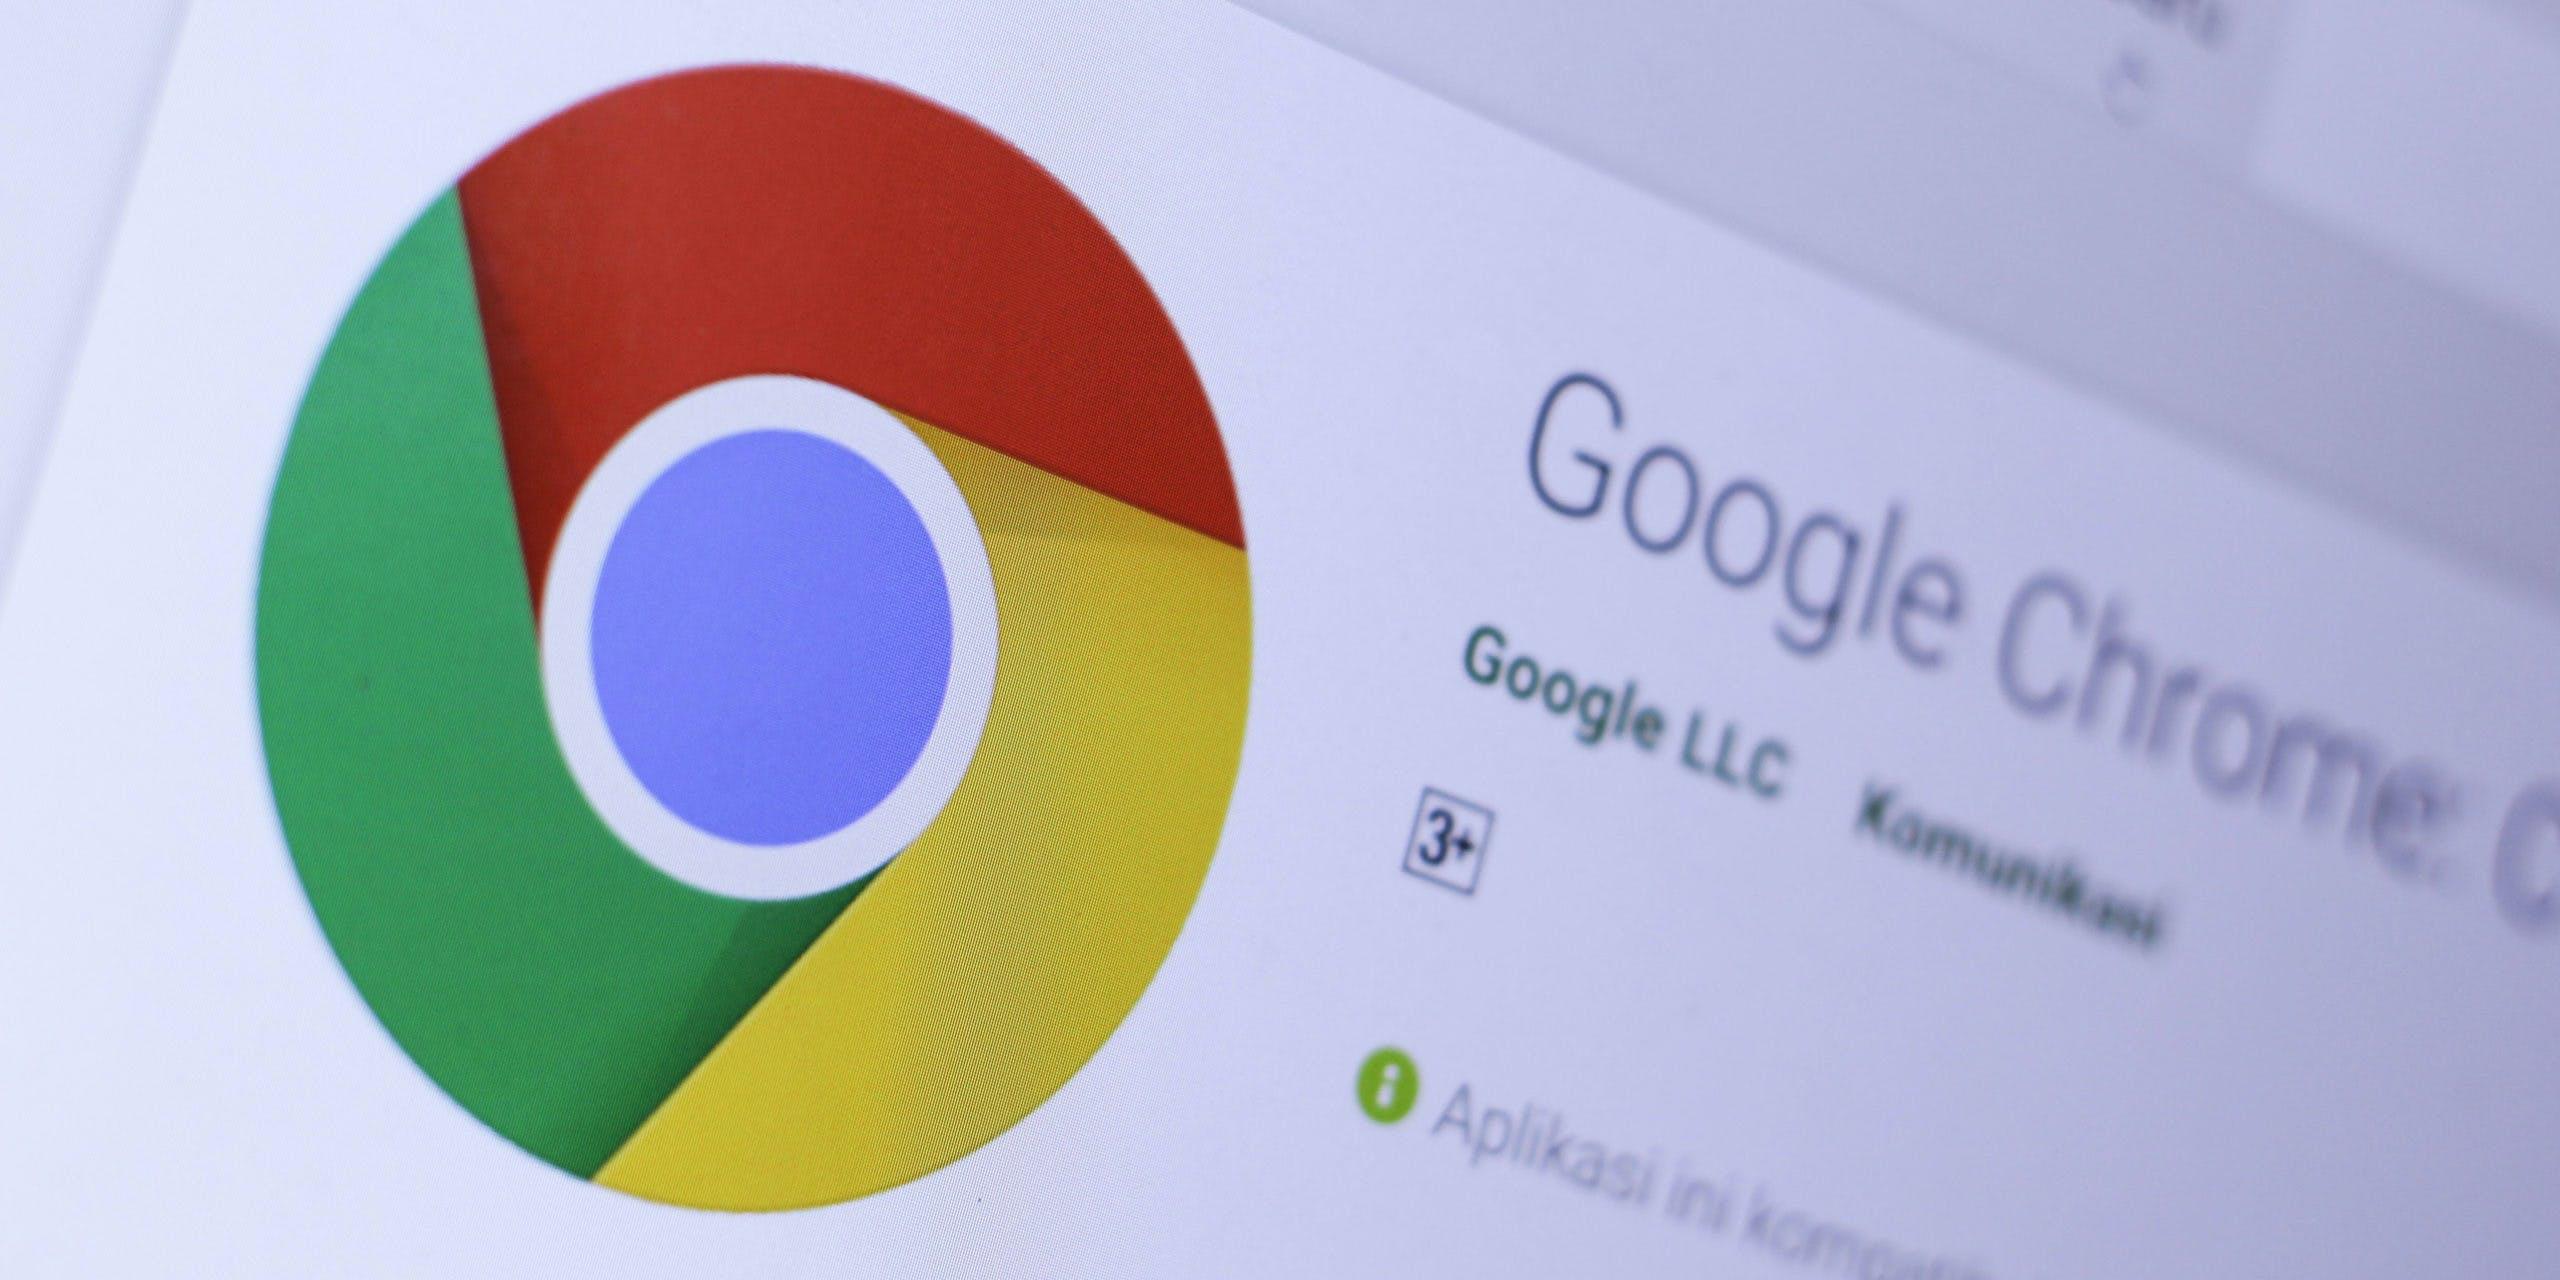 Chrome Privacy